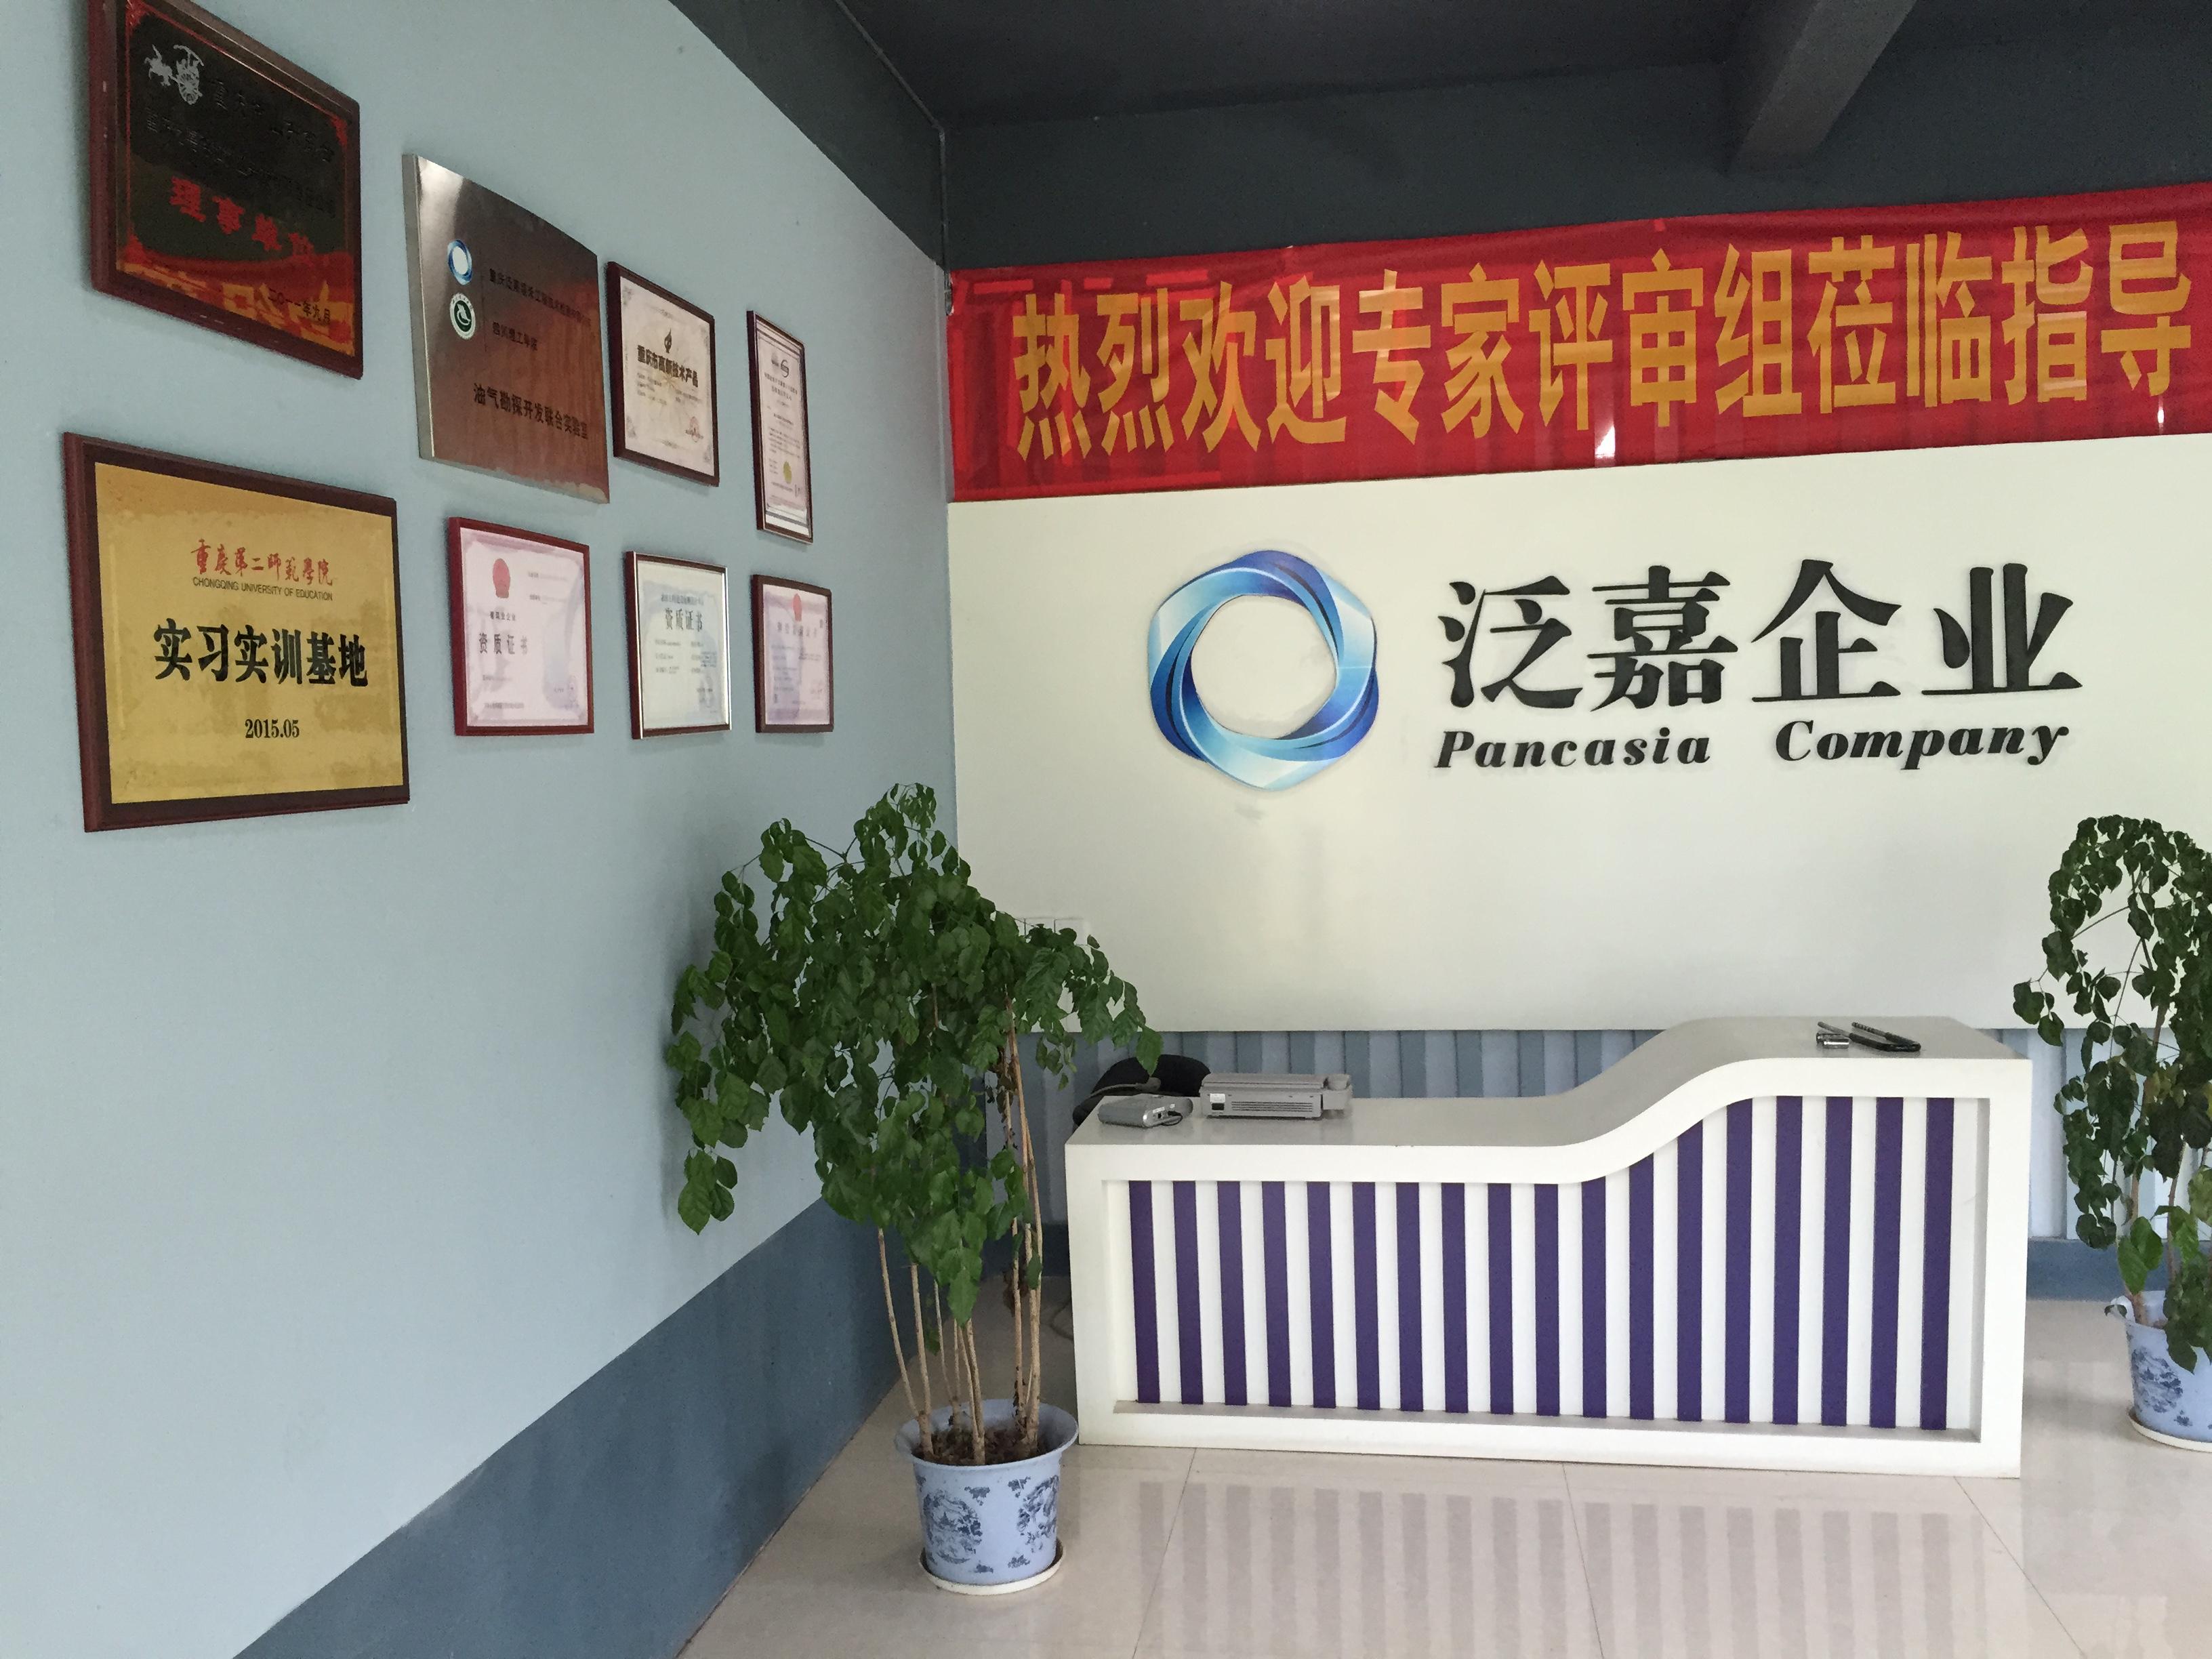 公司榮譽牆